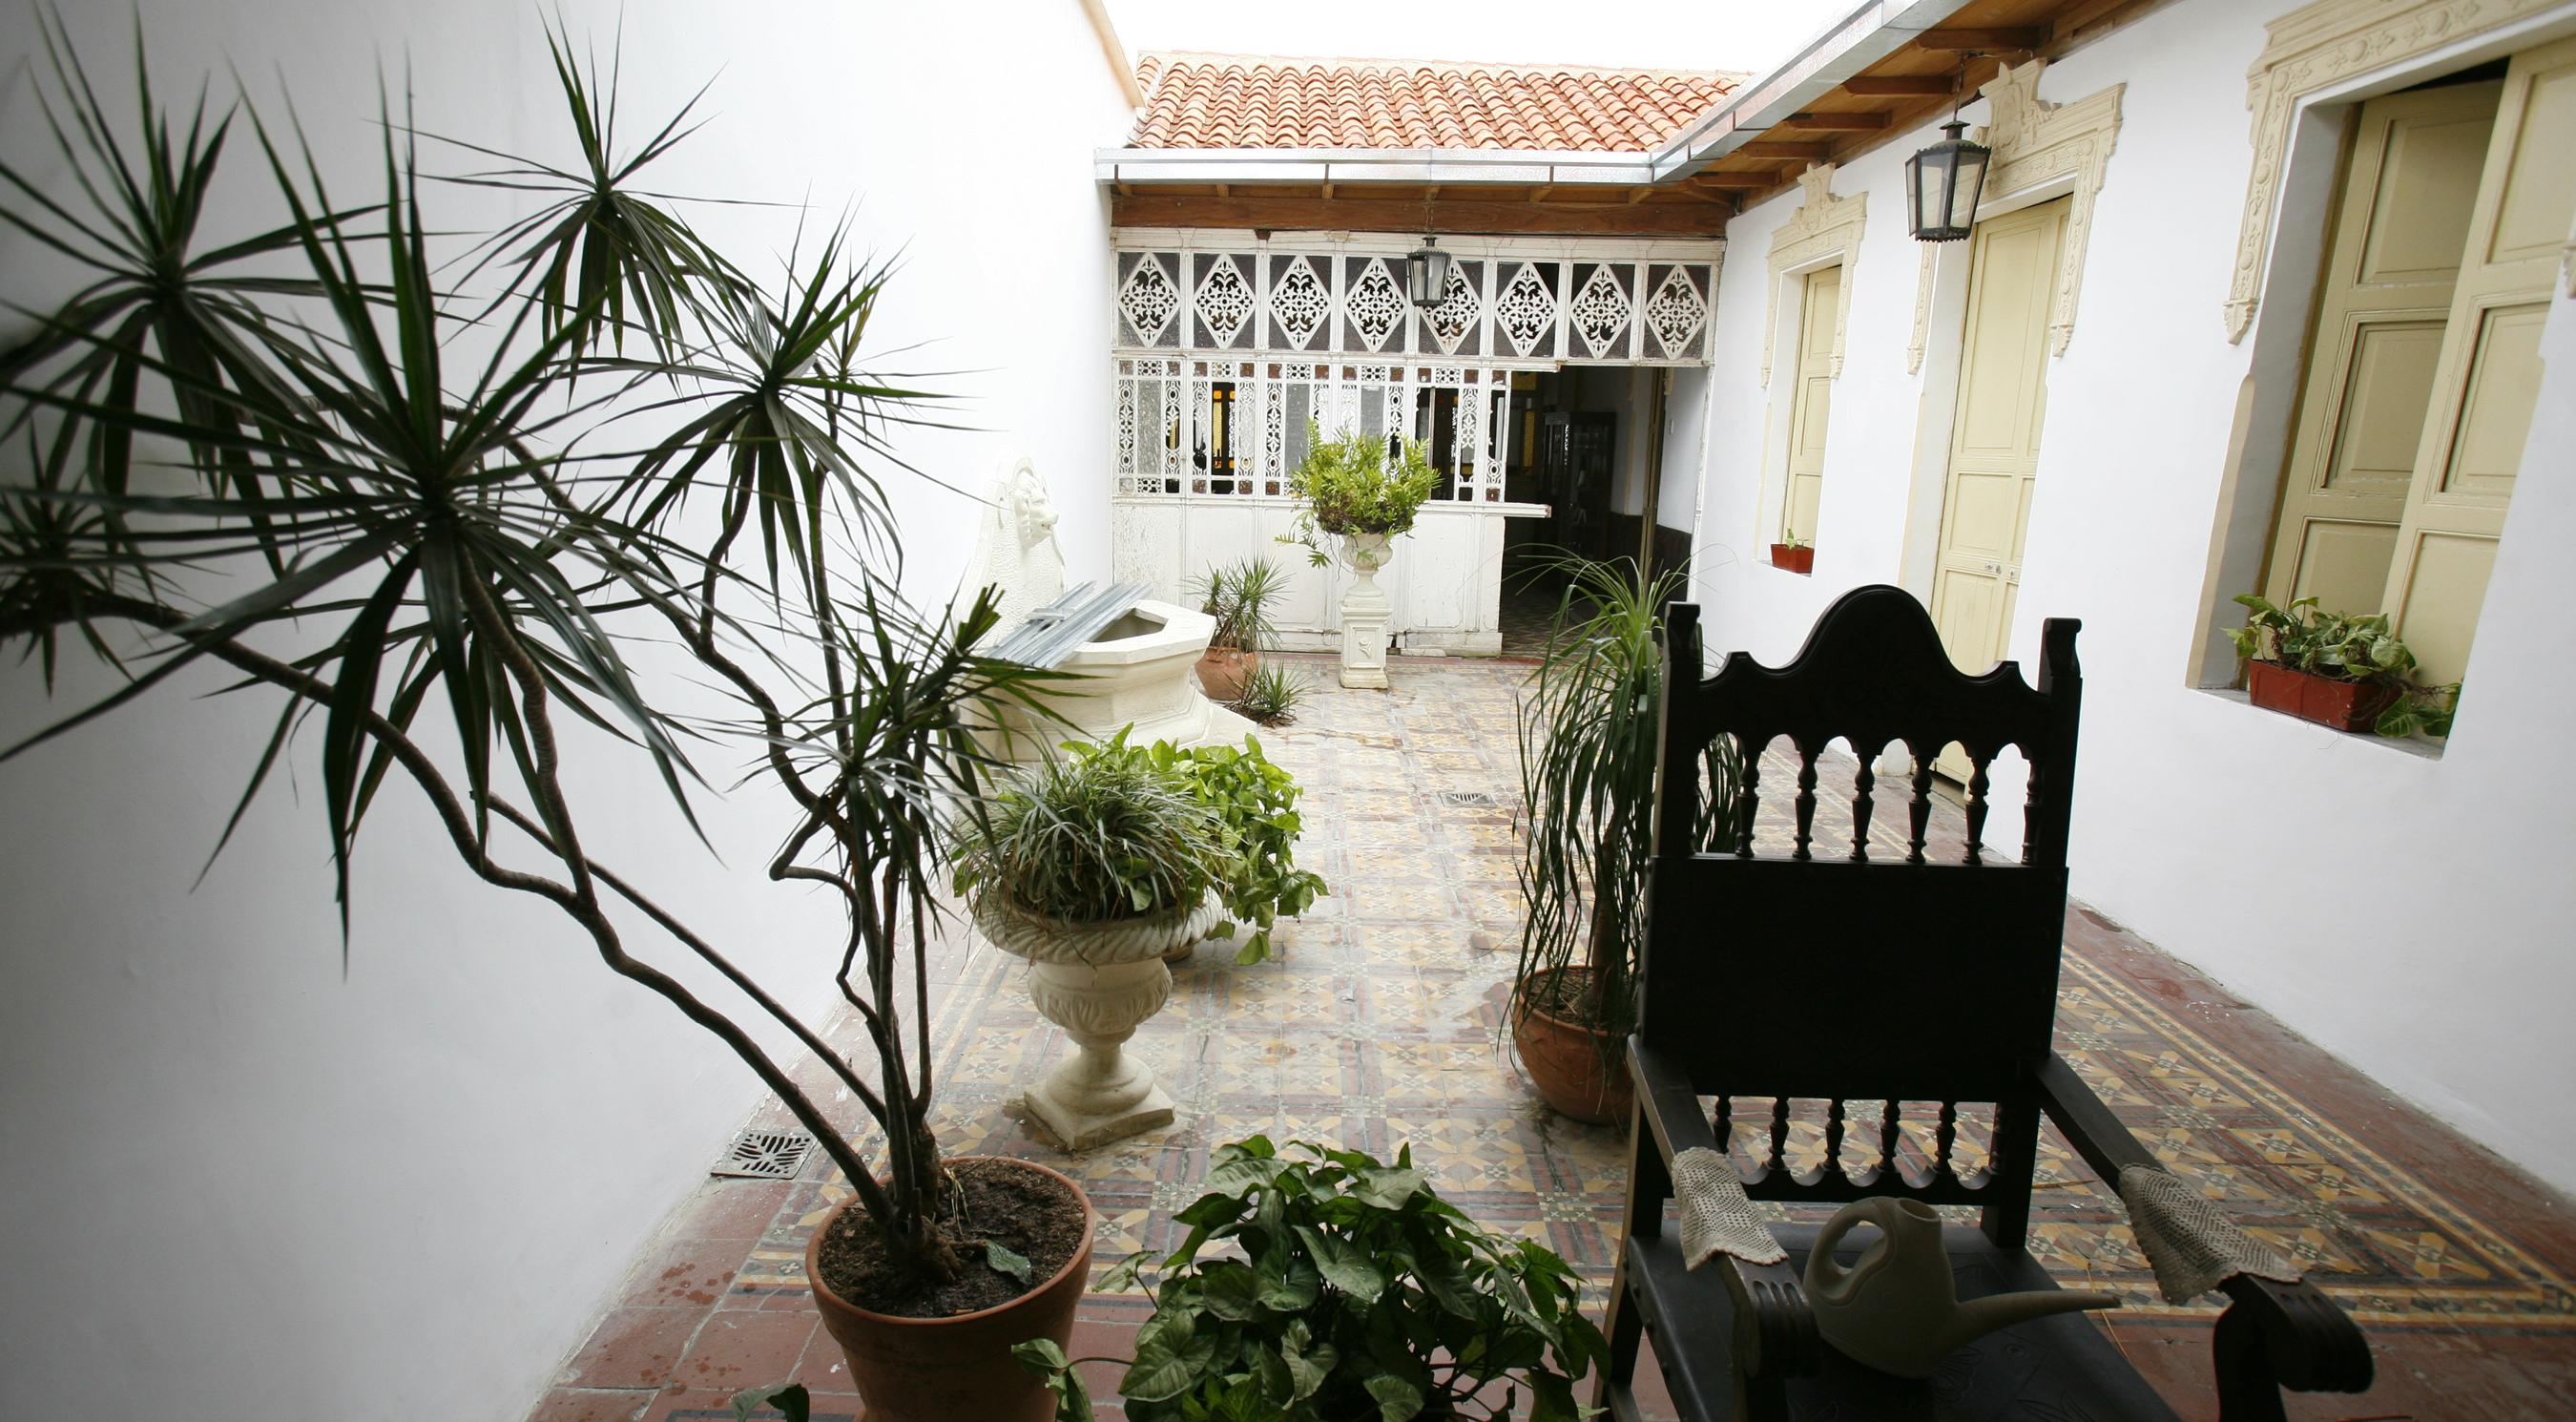 Muchas de estas casas conservan en sus casas documentos, fotografías o diplomas de hechos de relevancia para el imaginario colectivo venezolano, que se recopilarán para el Museo de Historia Local que planean construir.